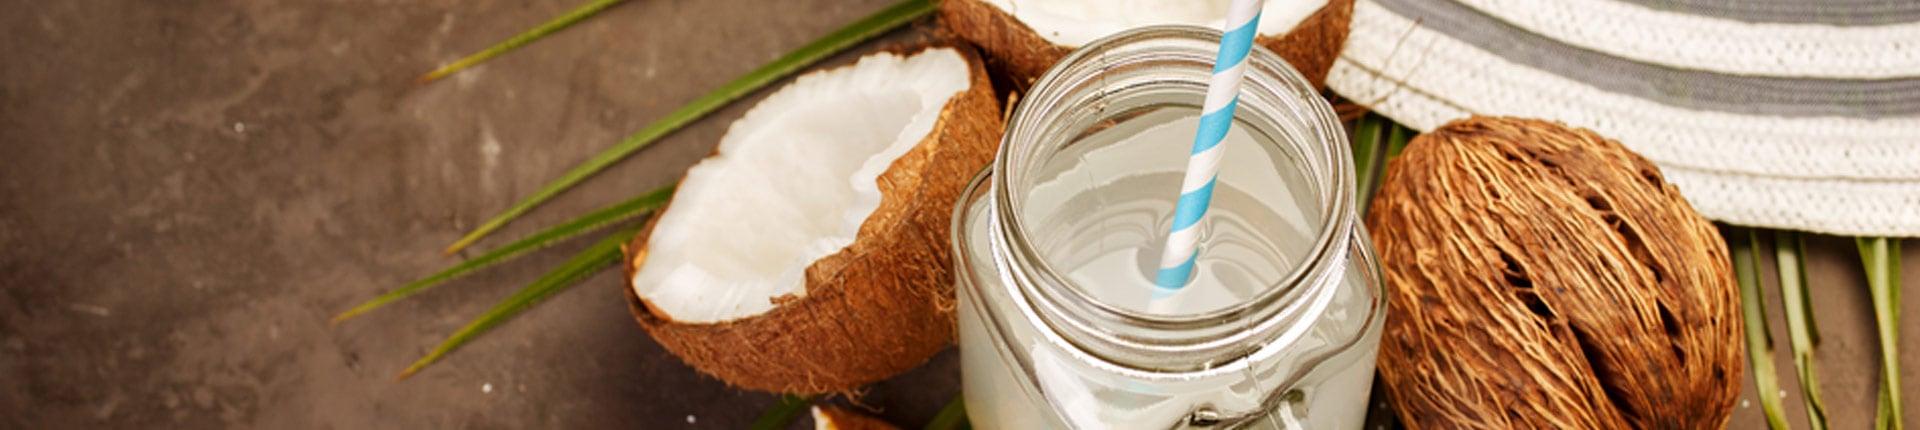 Czy woda kokosowa jest dobra dla sportowców?